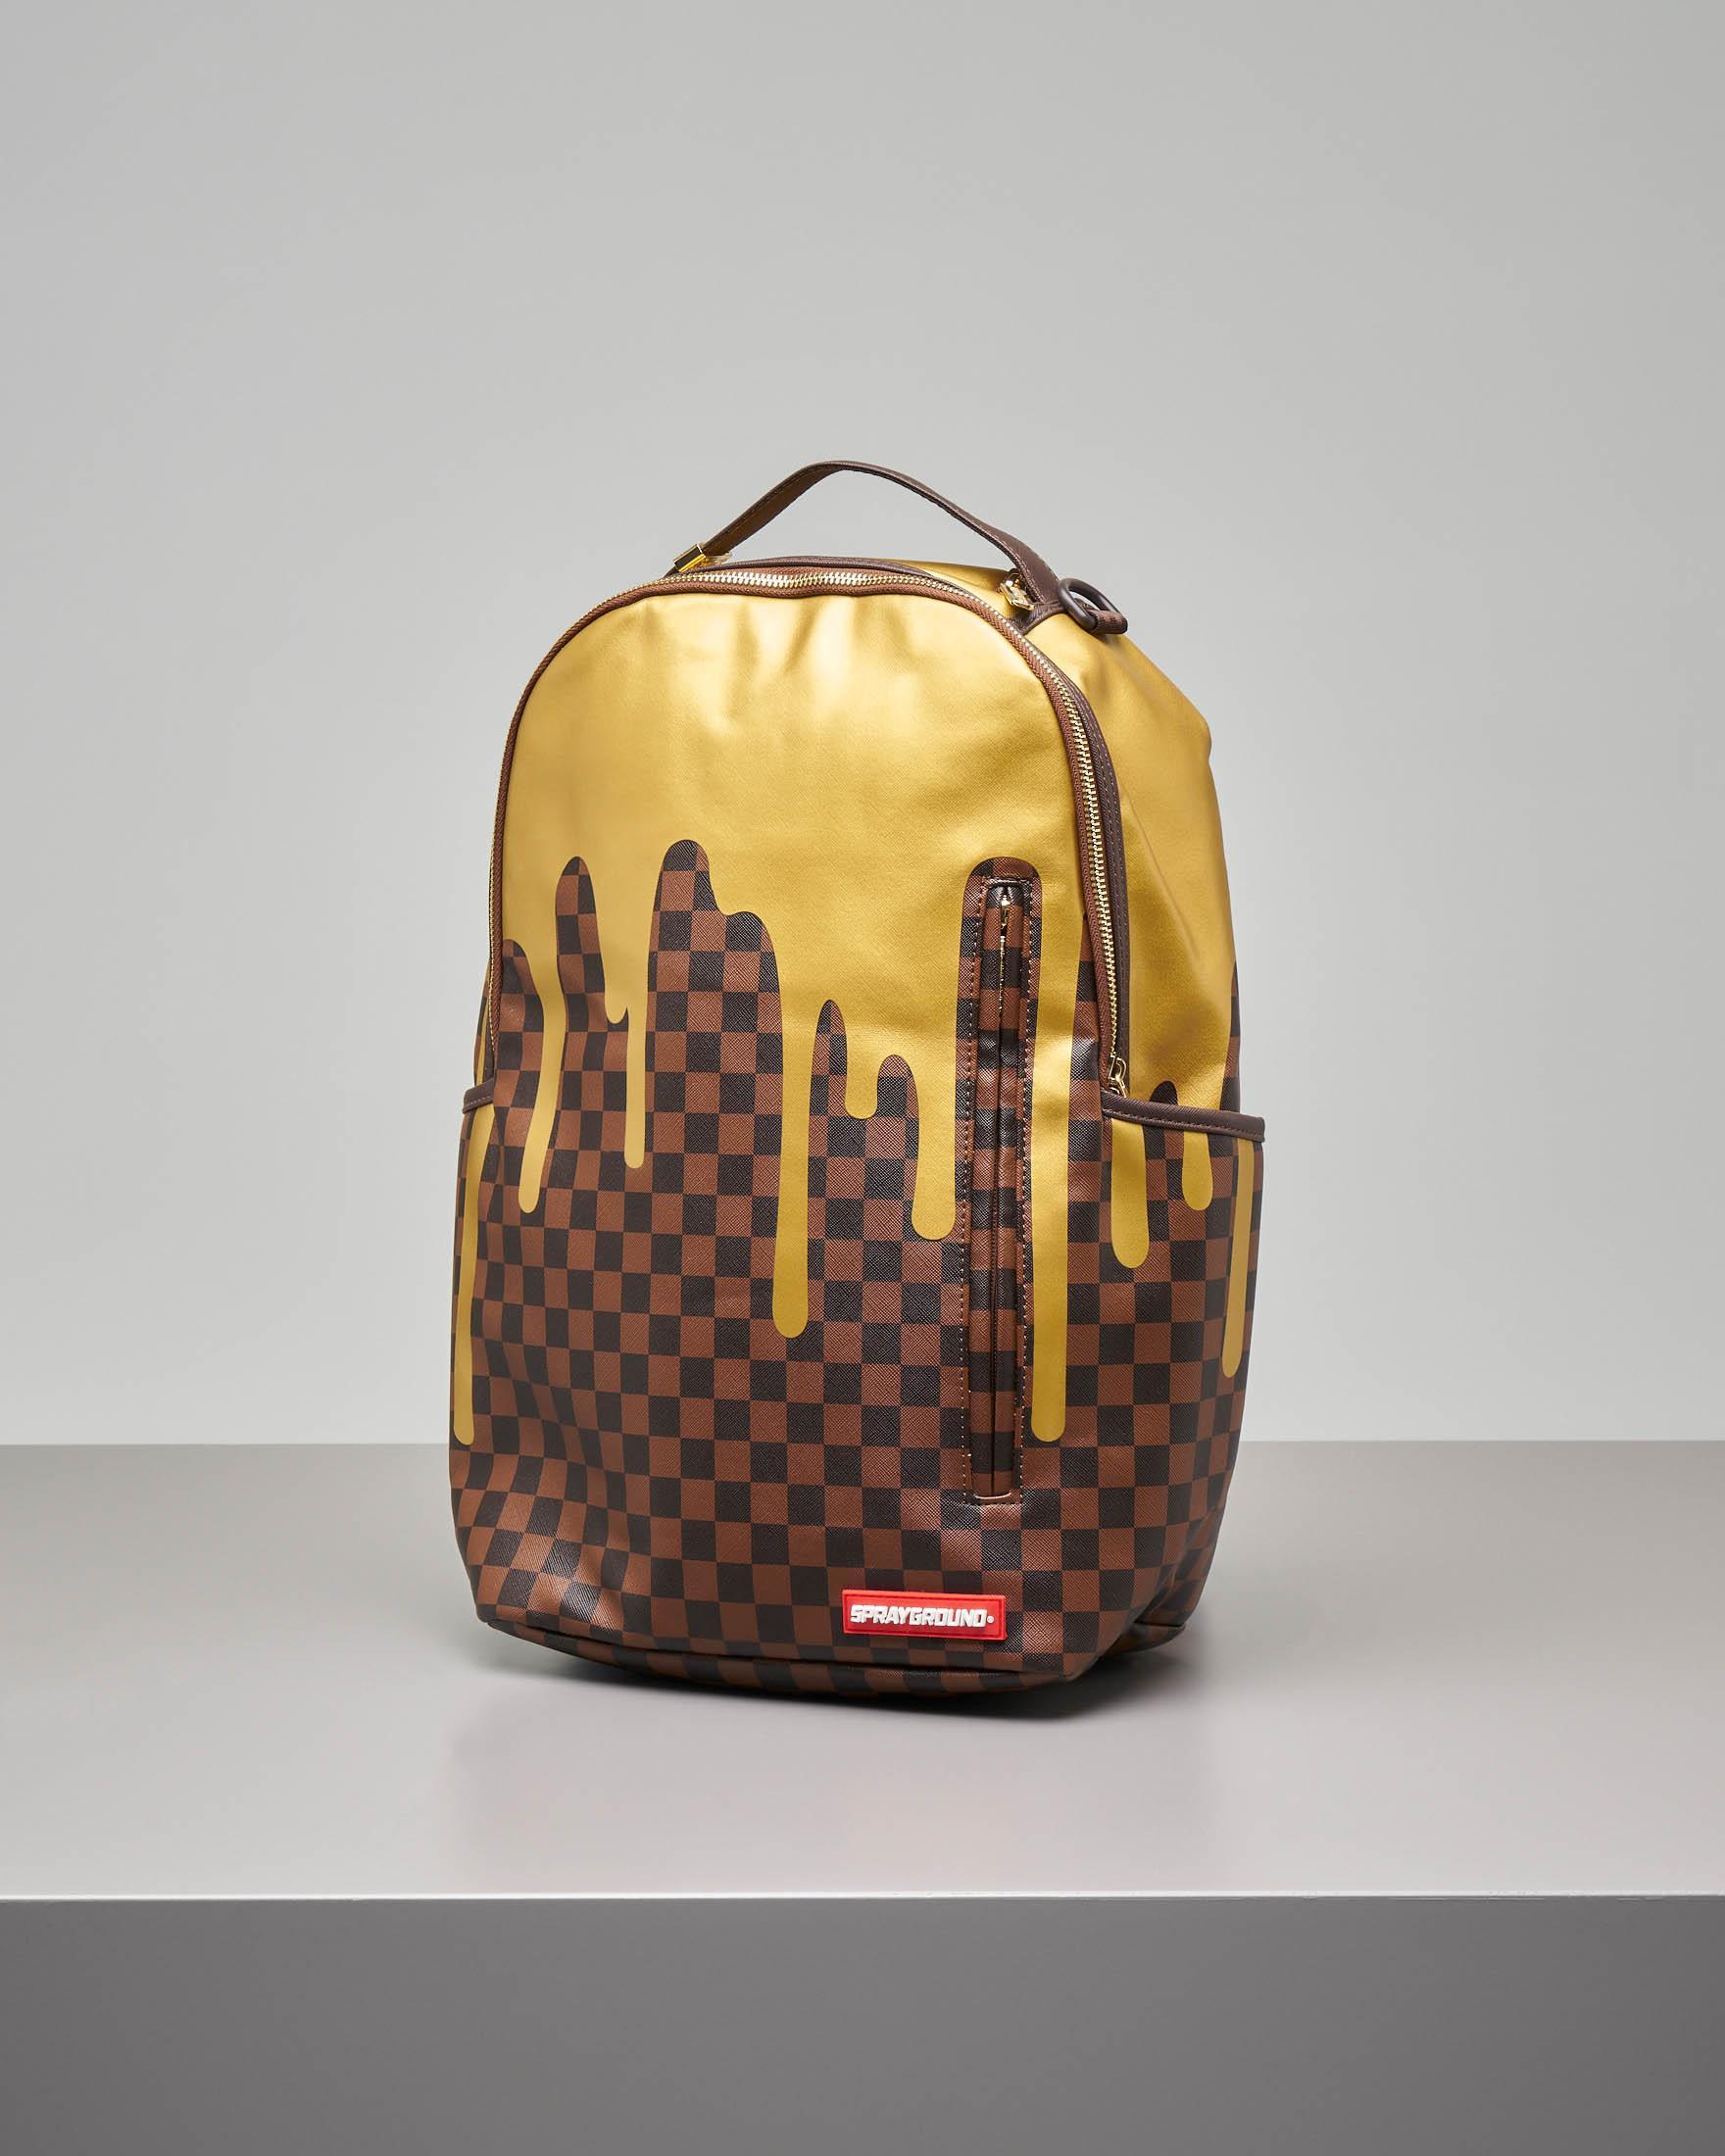 Zaino colata d'oro marrone a scacchi